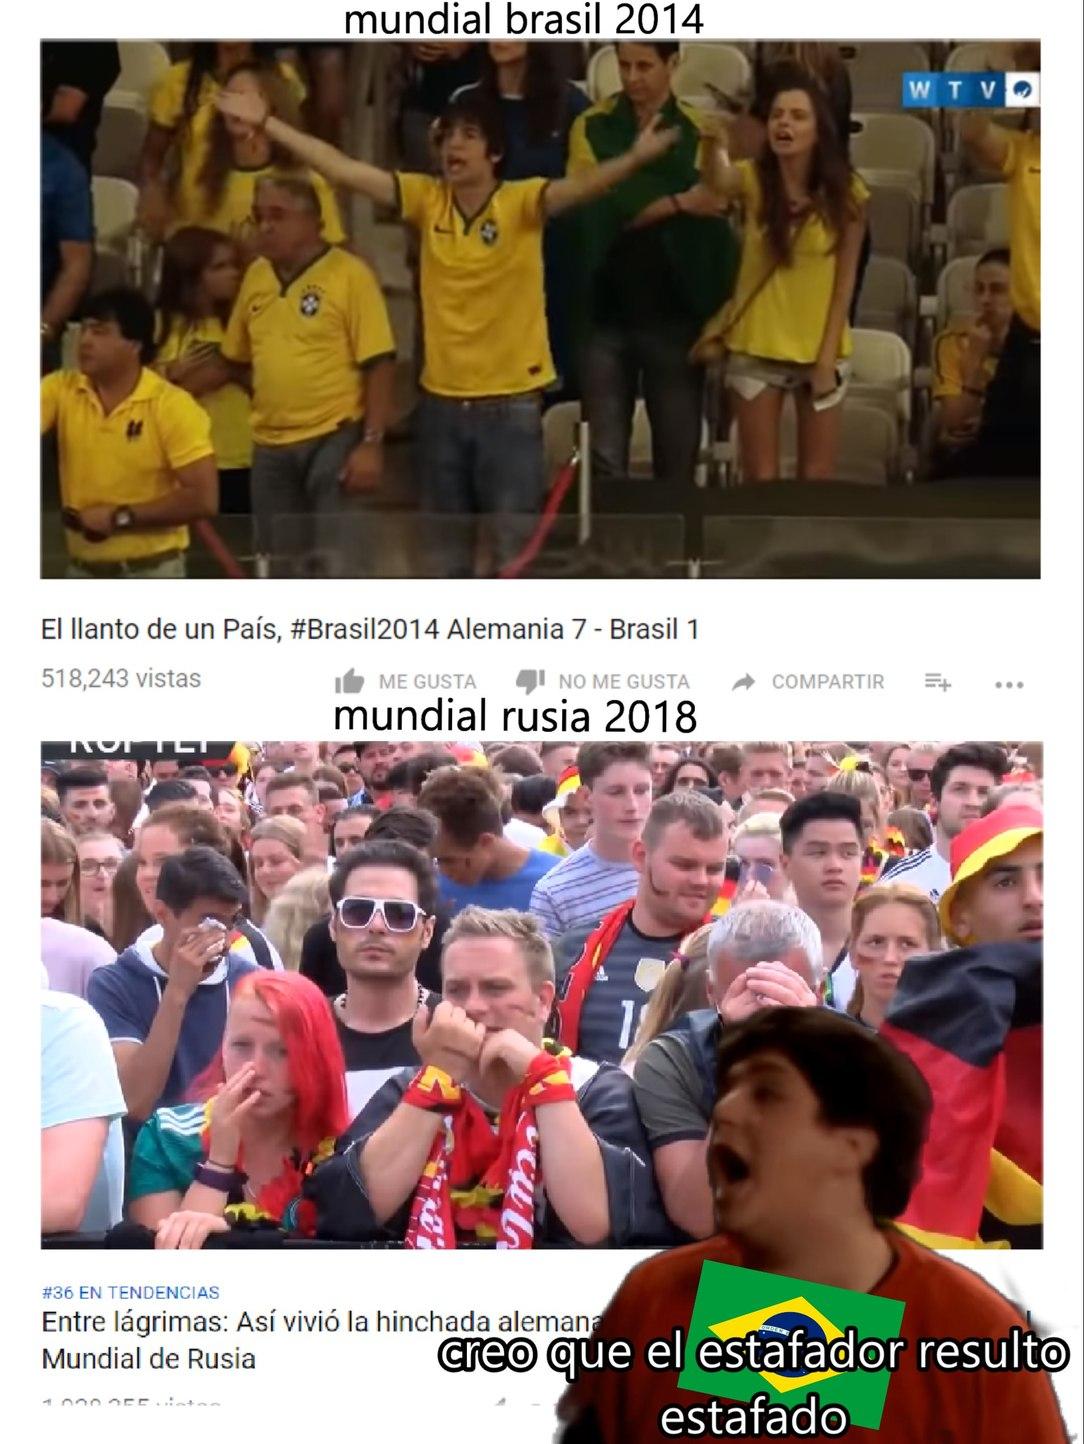 josh si fuera brasileño  brasileño - meme